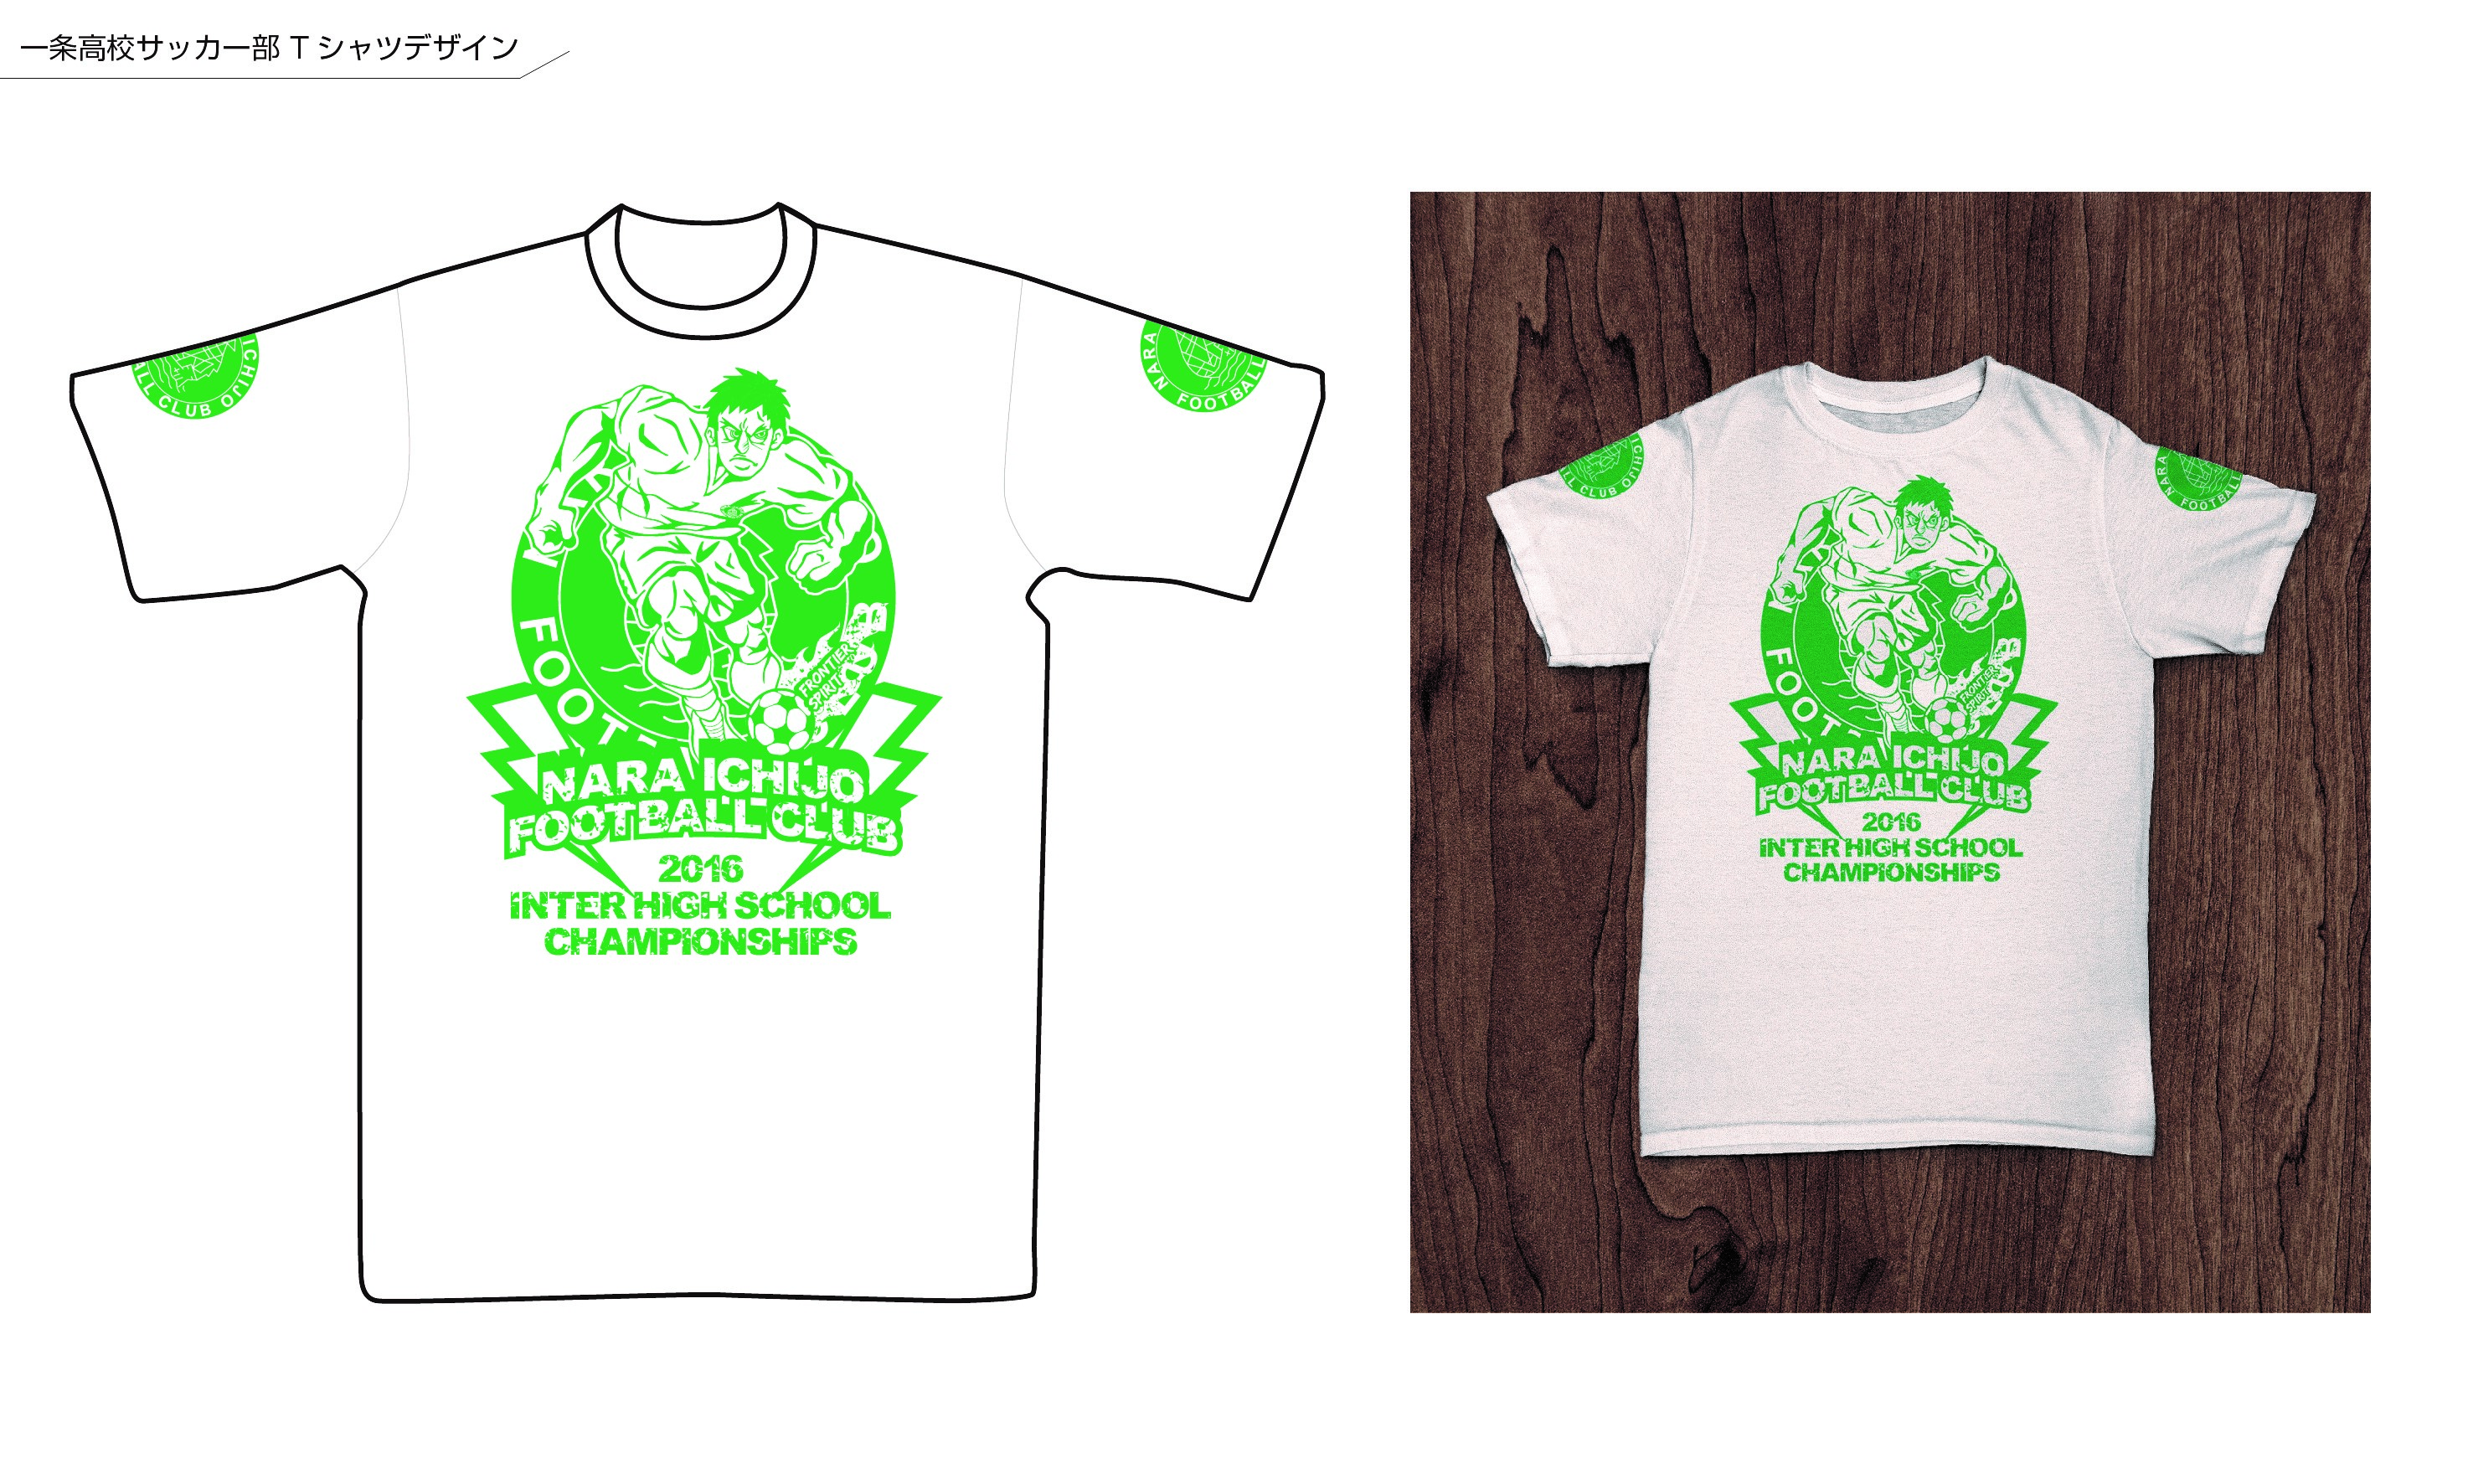 記念Tシャツはデザインからロゴの復元までいたします!